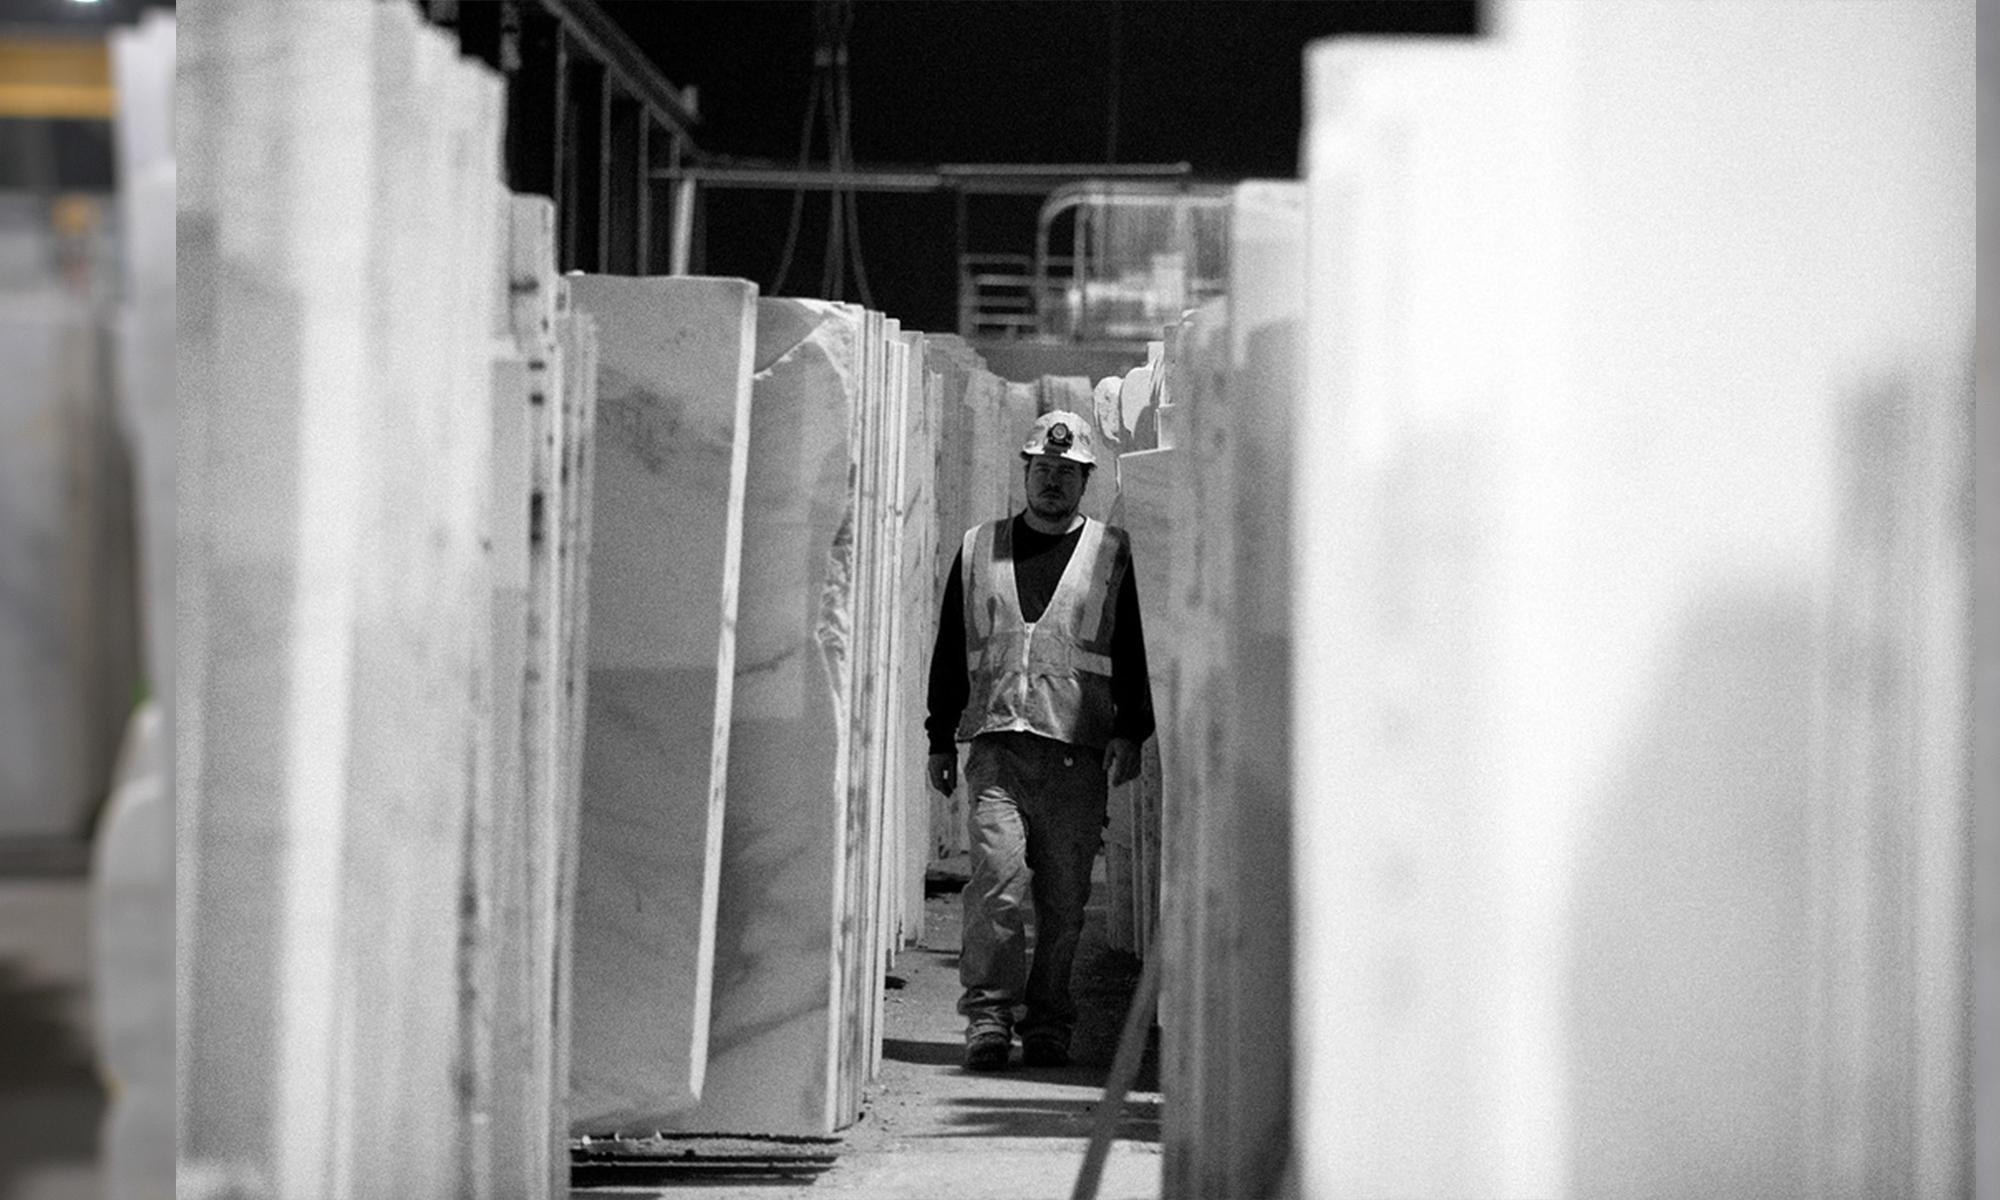 worker22